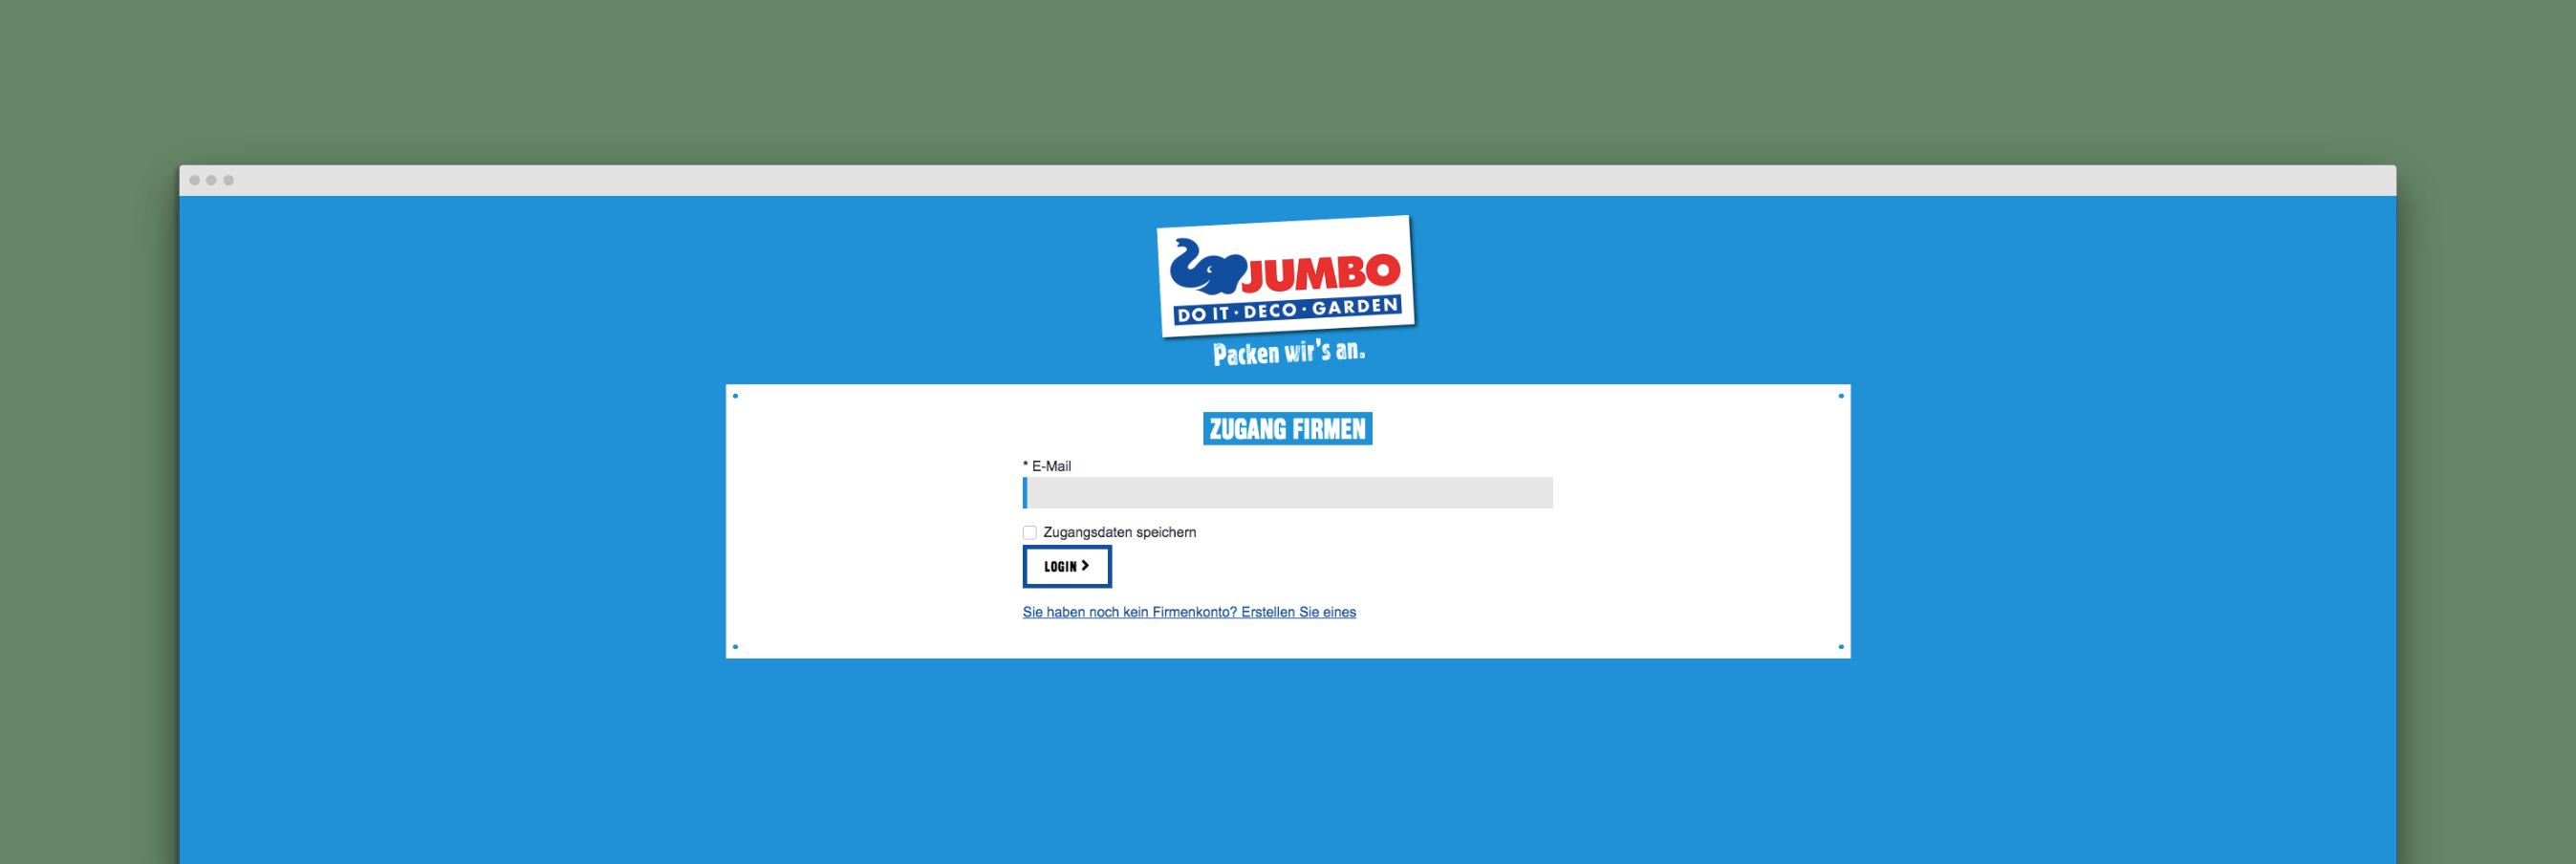 jumbo-firmenkunden-onboarding